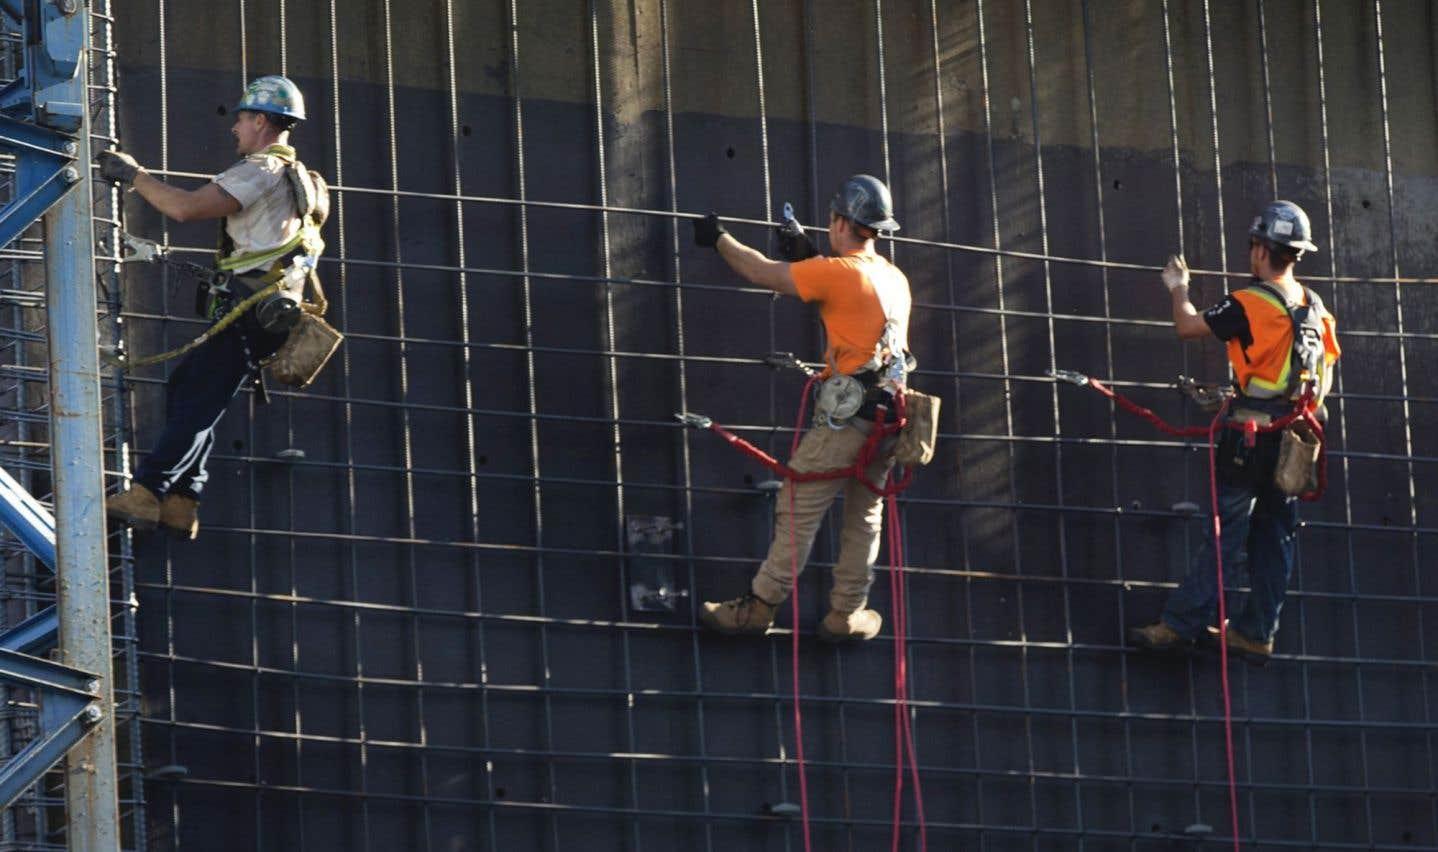 Les conventions collectives dans toute l'industrie de la construction, qui touchent quelque 175 000 ouvriers, sont encore en vigueur jusqu'au 30 avril.